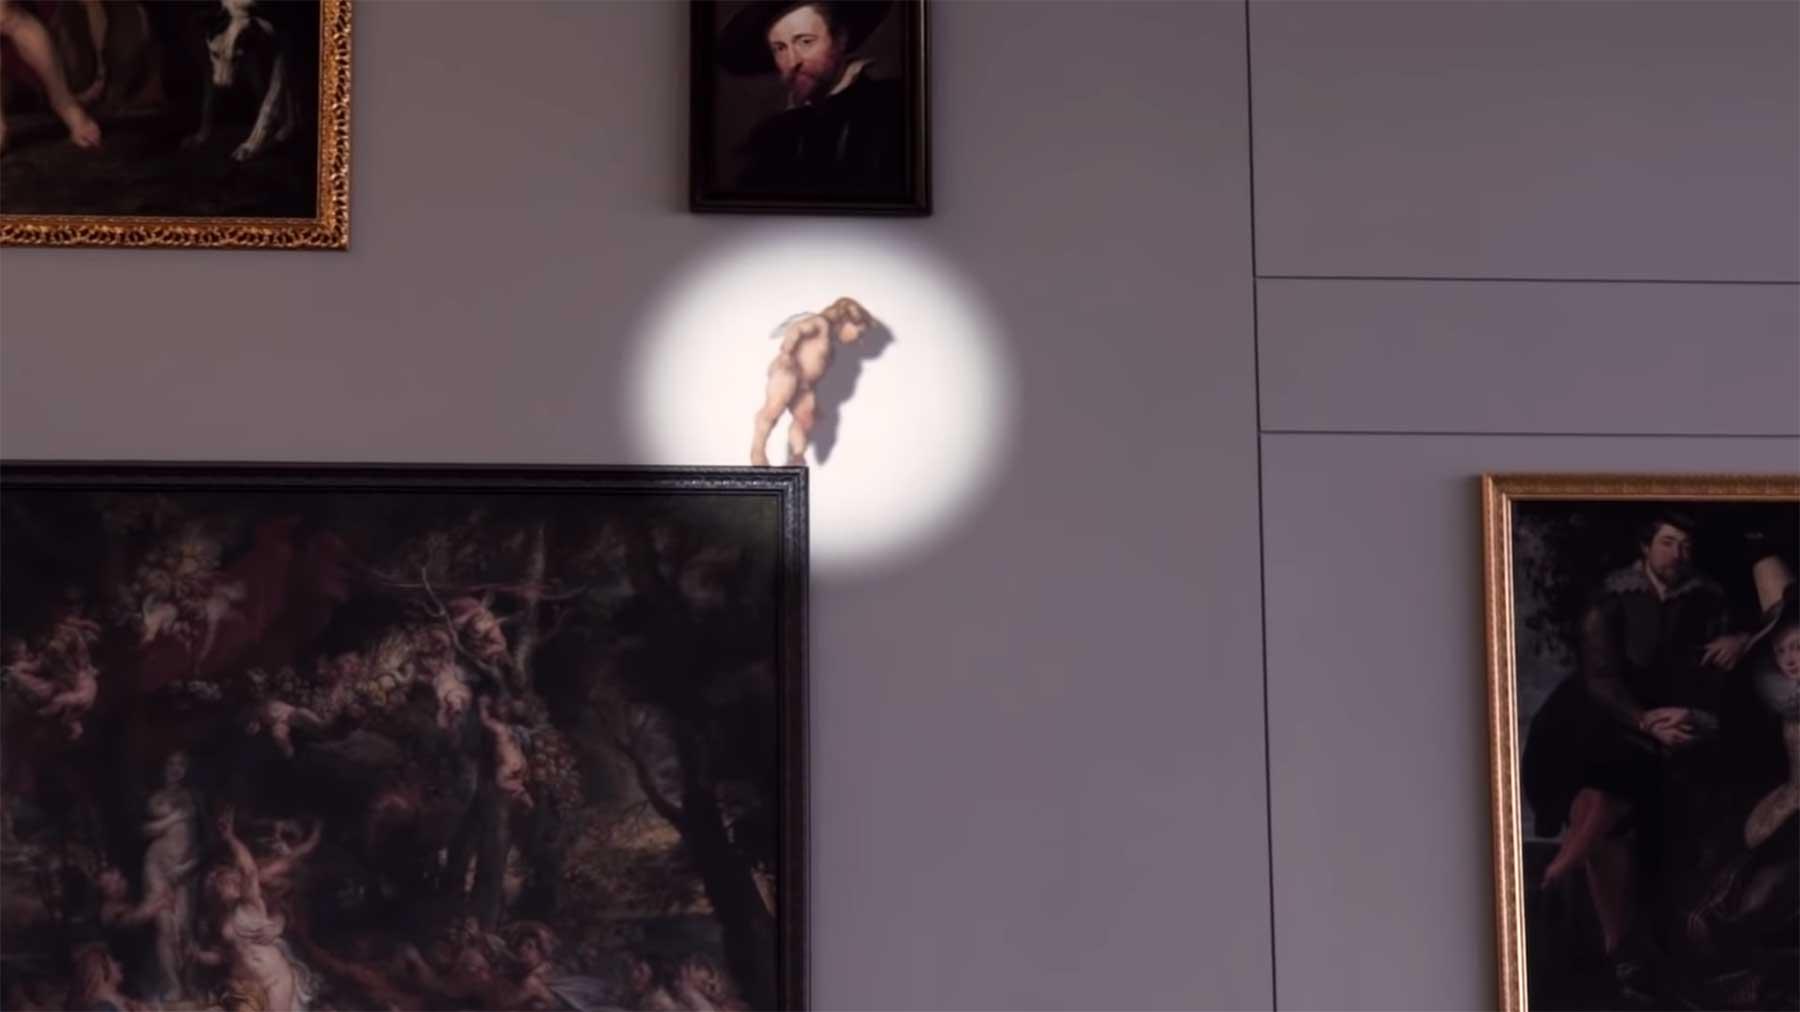 Projektion lässt Amor auf Gemälde fliegen